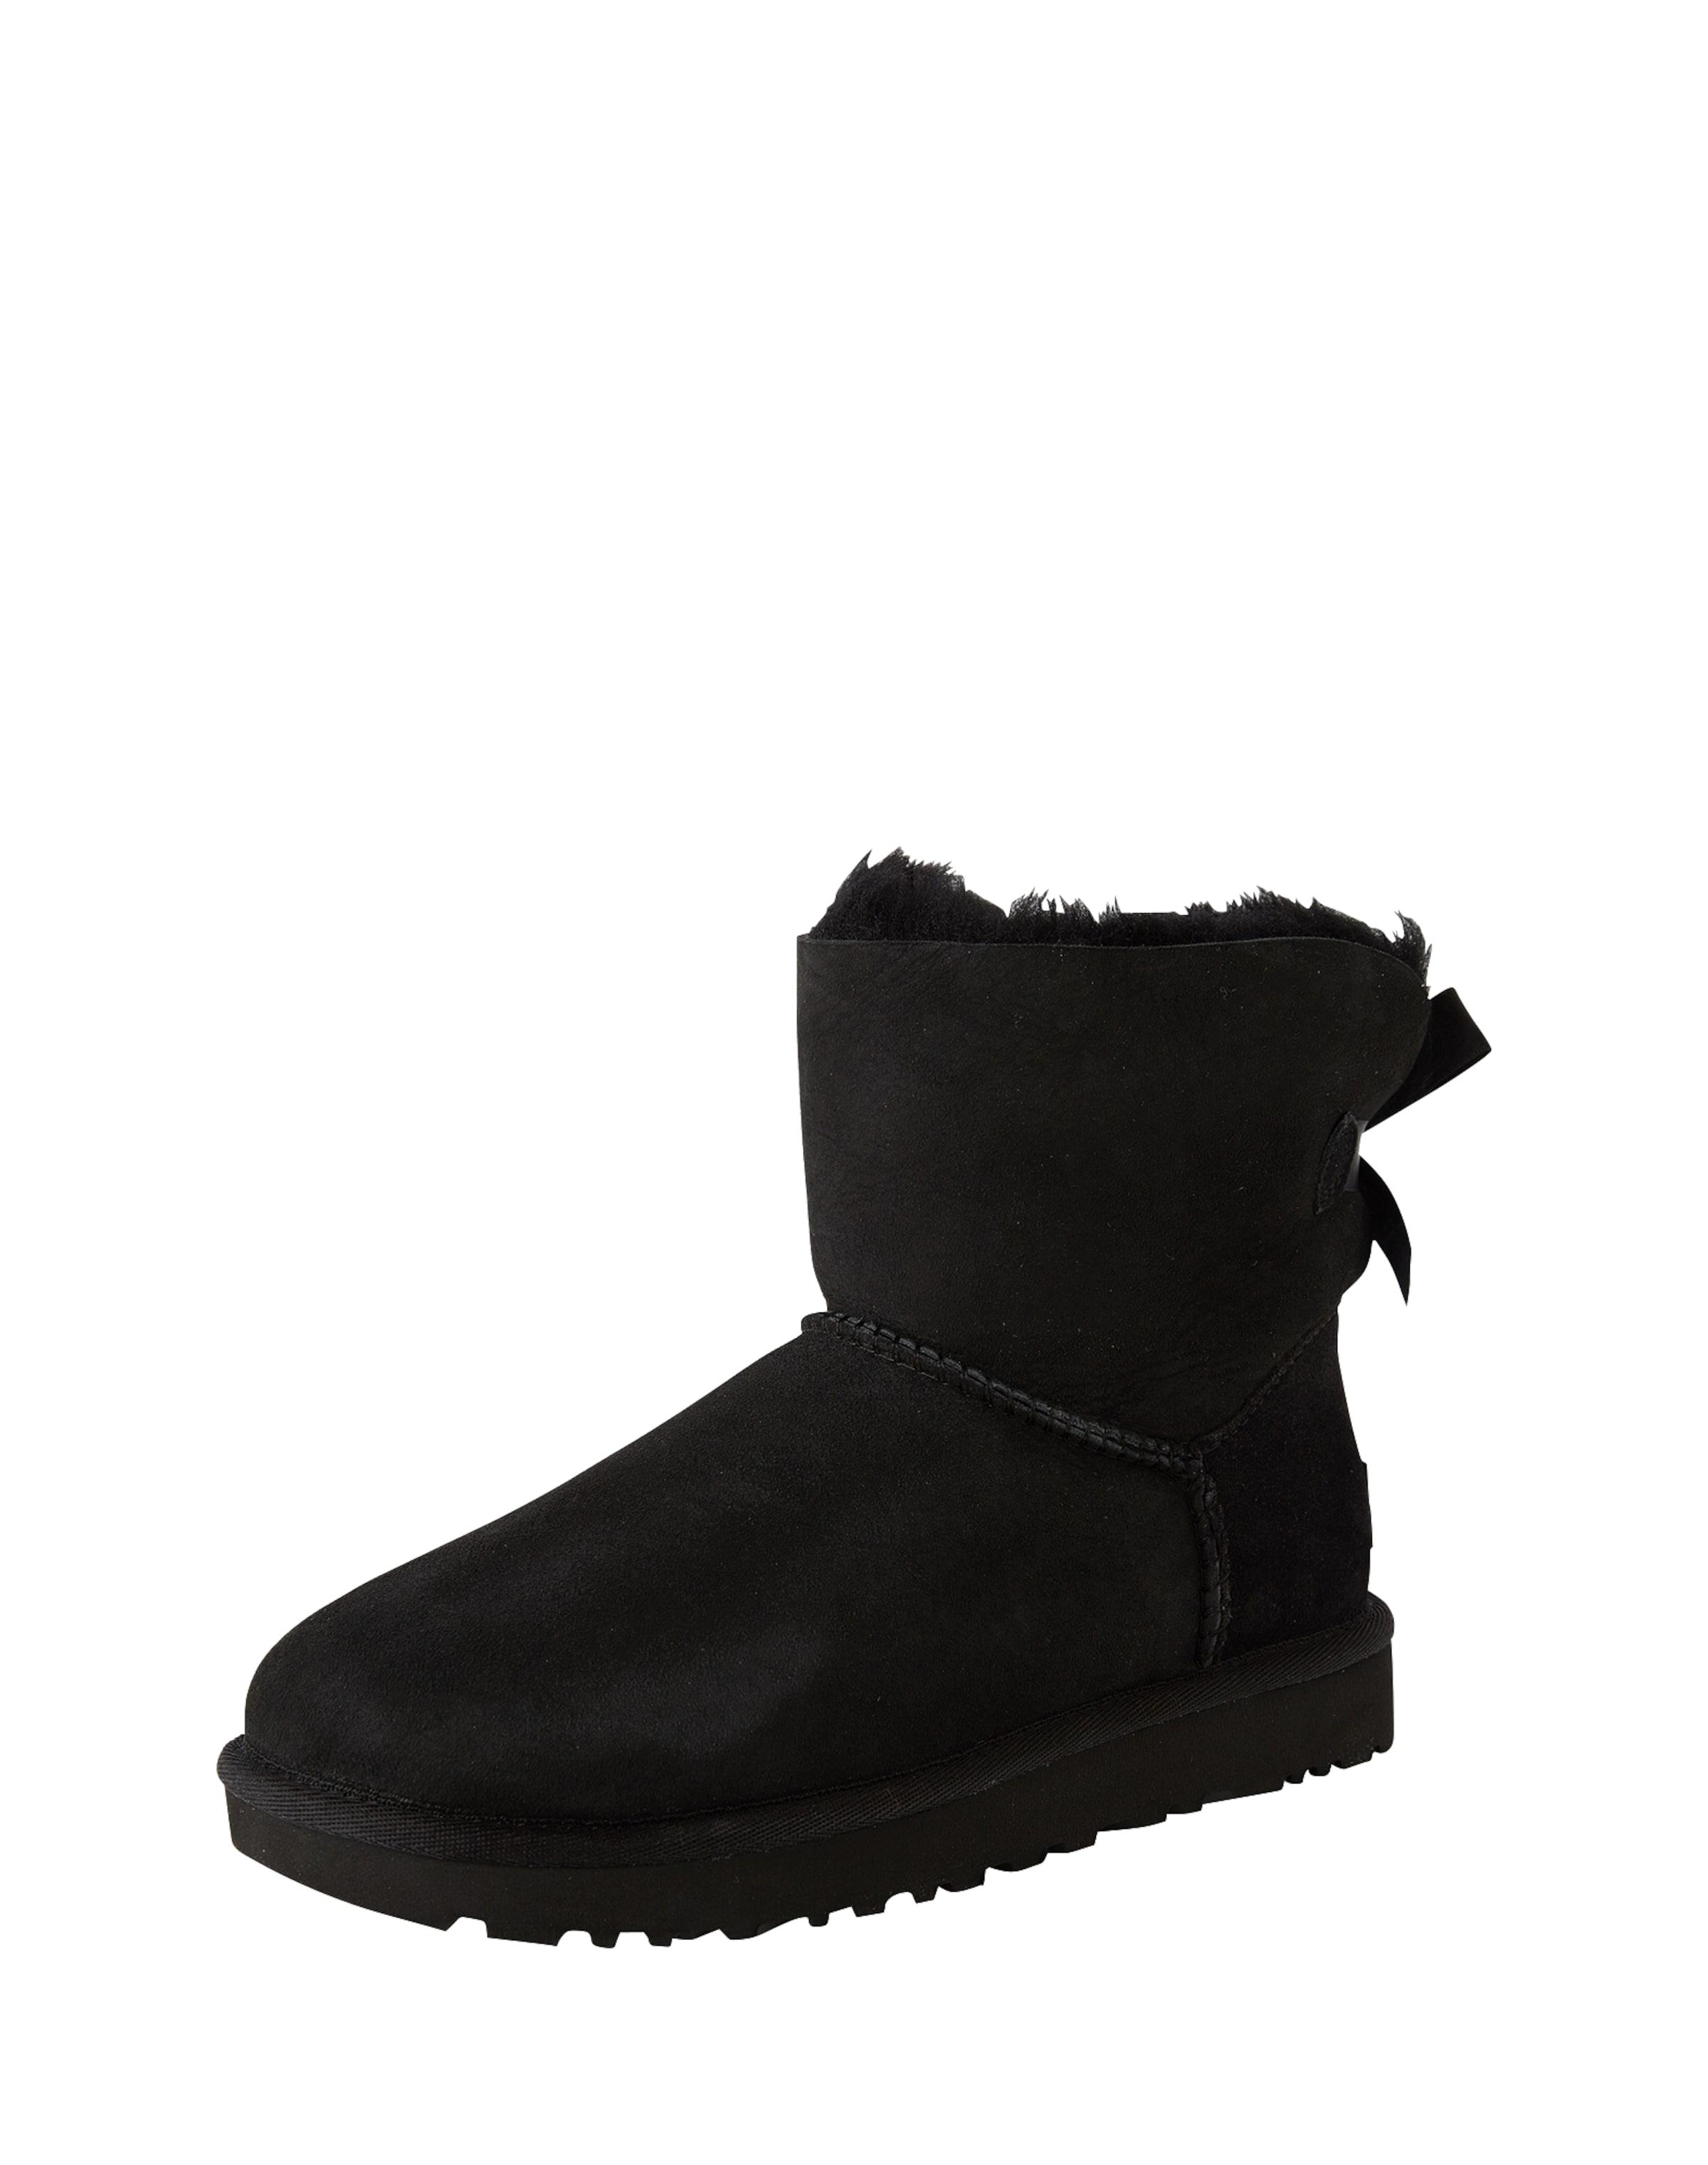 Ugg fütterung Bailey Bow Boots In Mit Schwarz 'mini Fell Ii' DH9EW2I